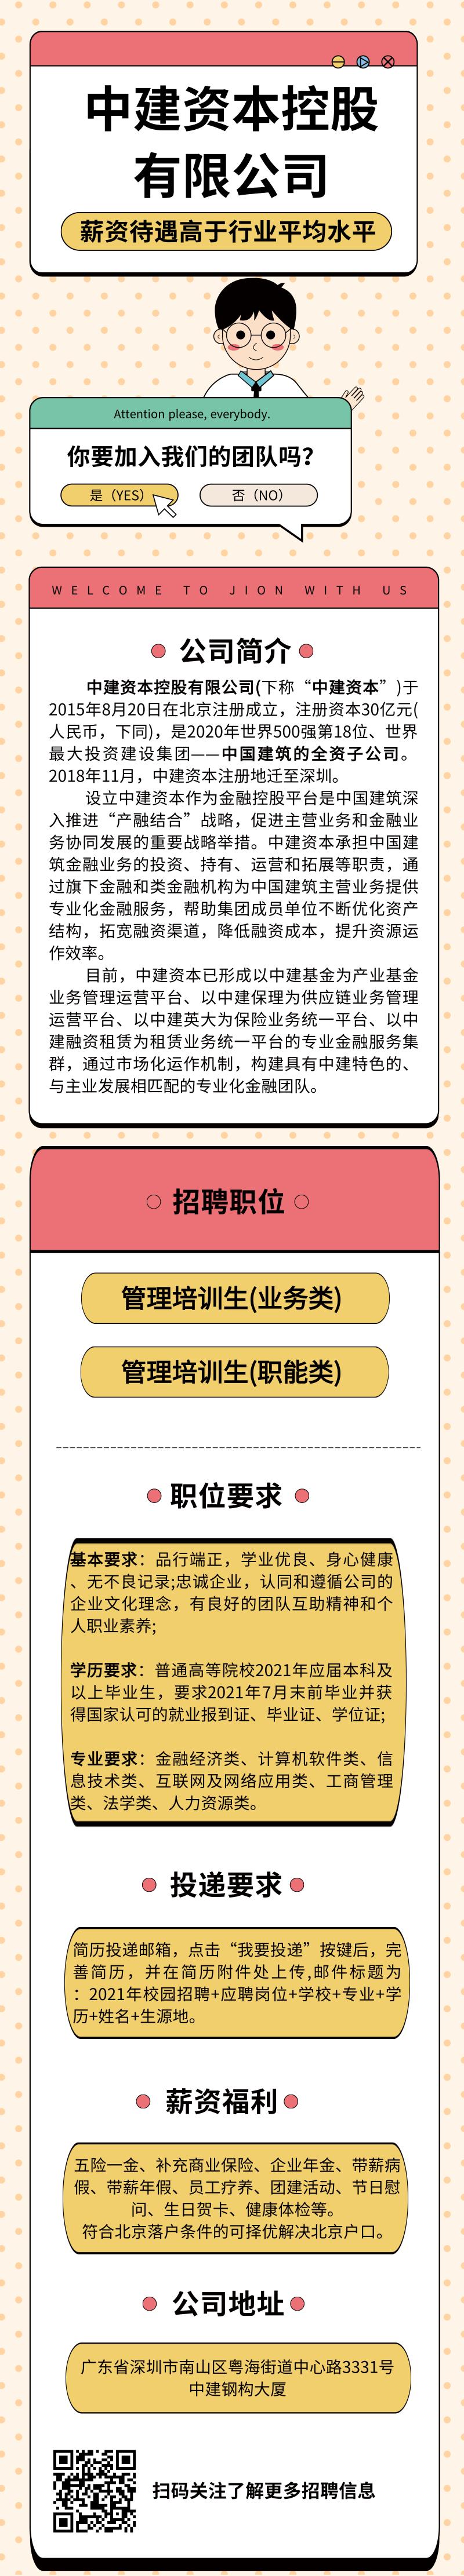 招聘丨中建资本控股有限公司招聘管理培训生,五险一金...